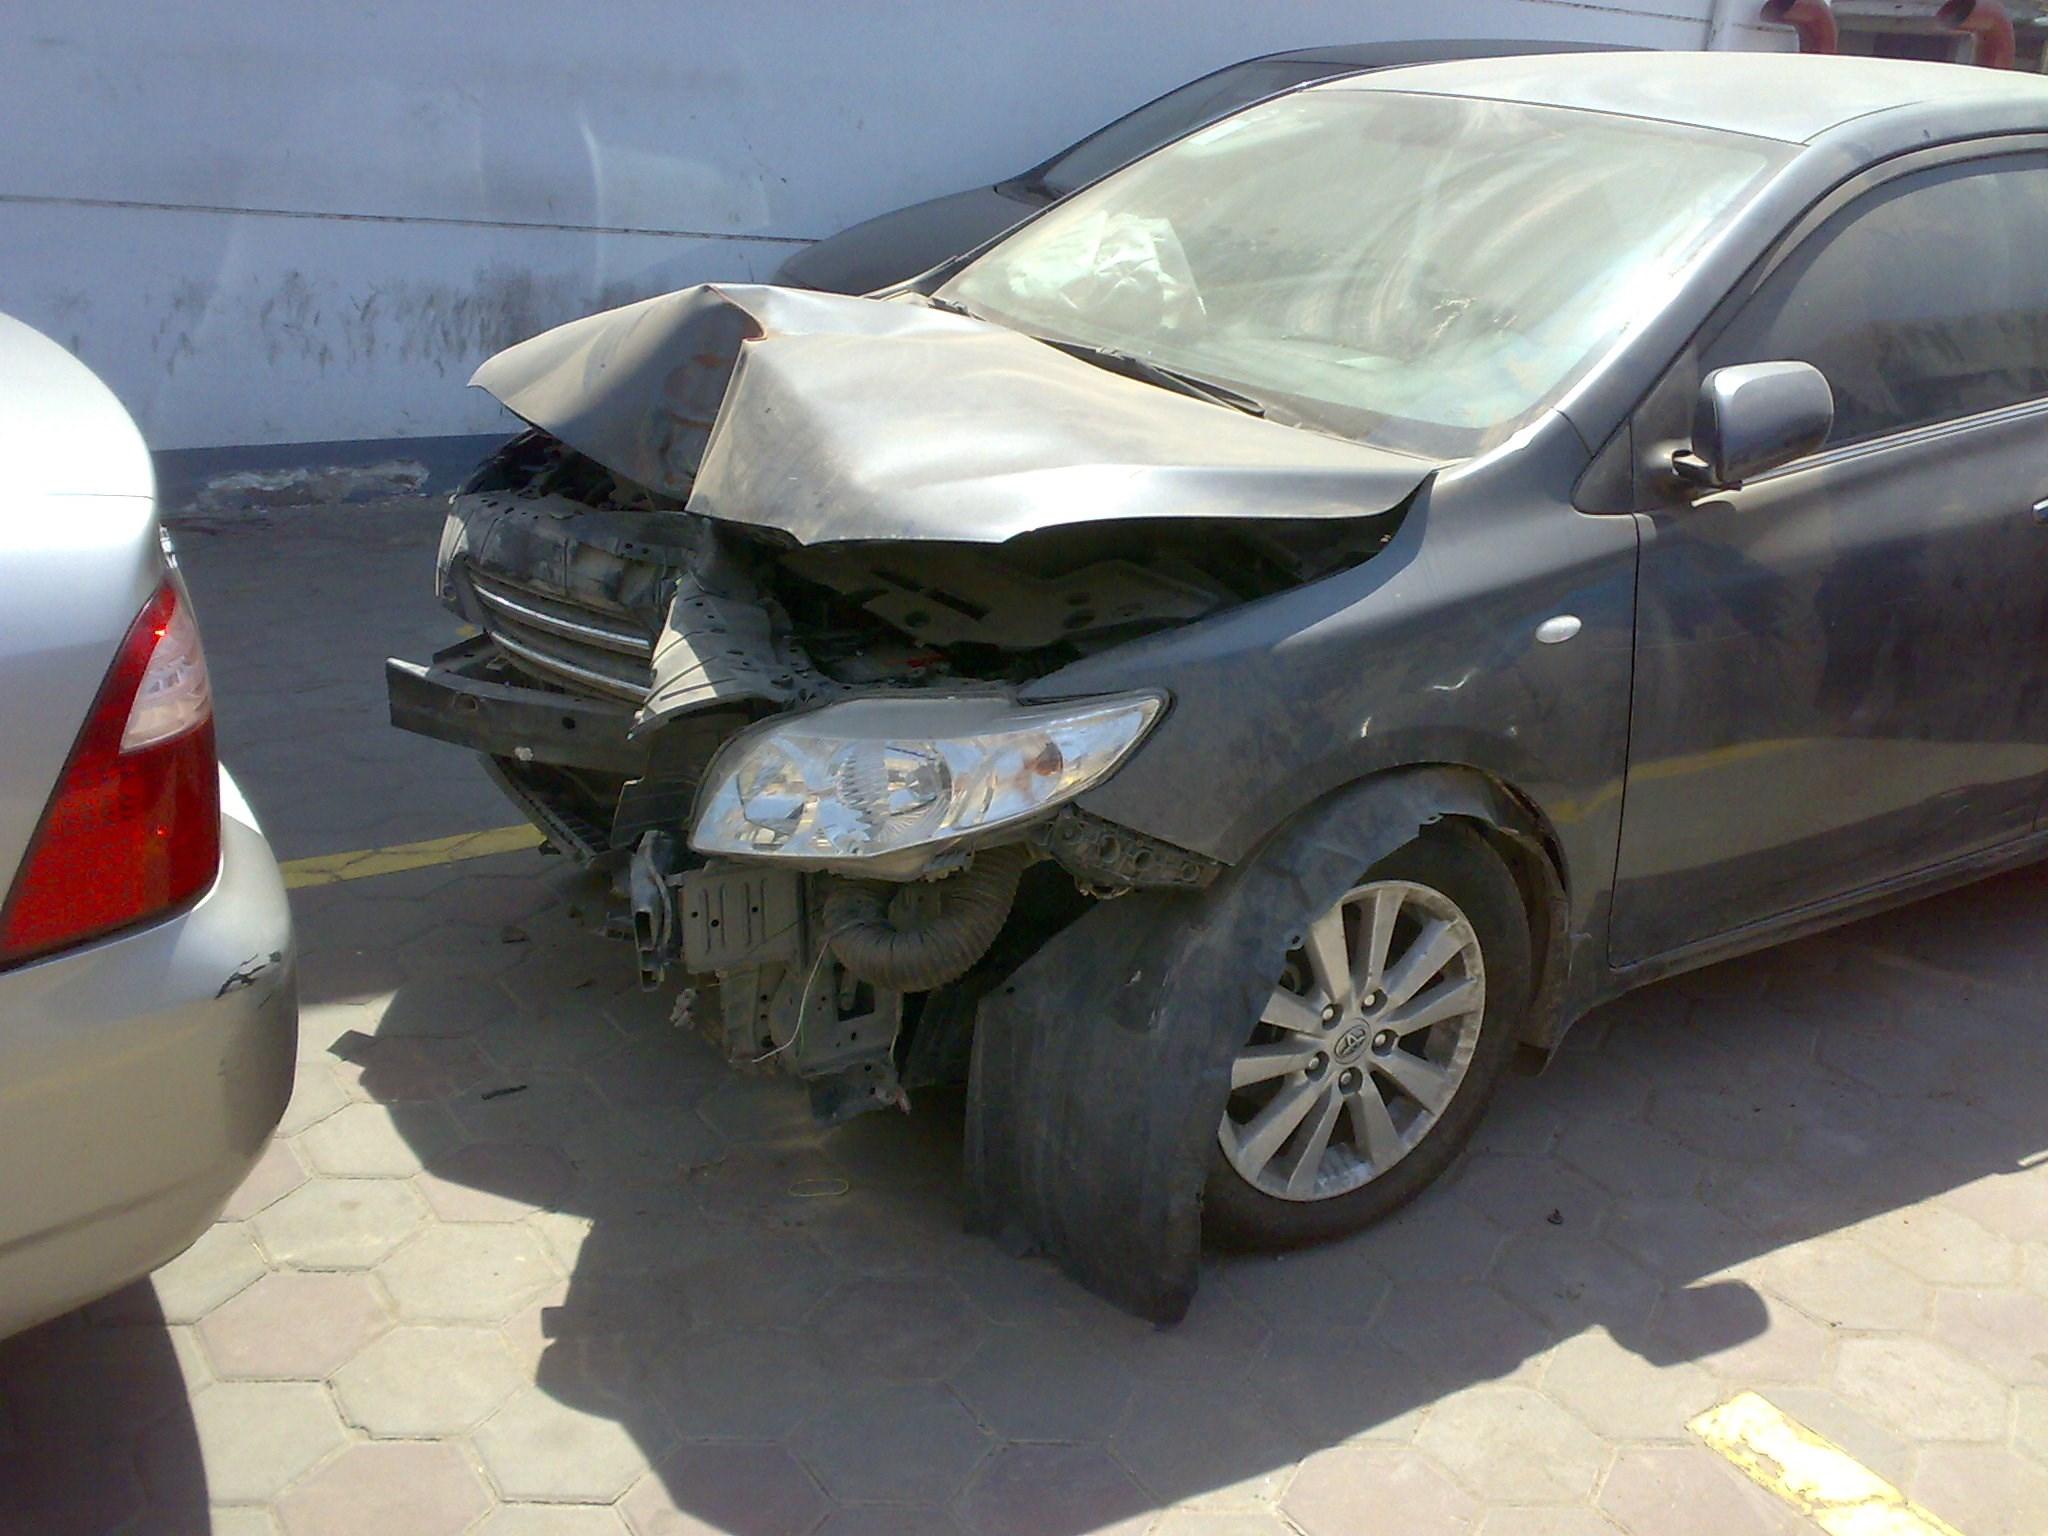 صوره سيارات مصدومه , كل ما يتعلق بالسيارات المصدومه